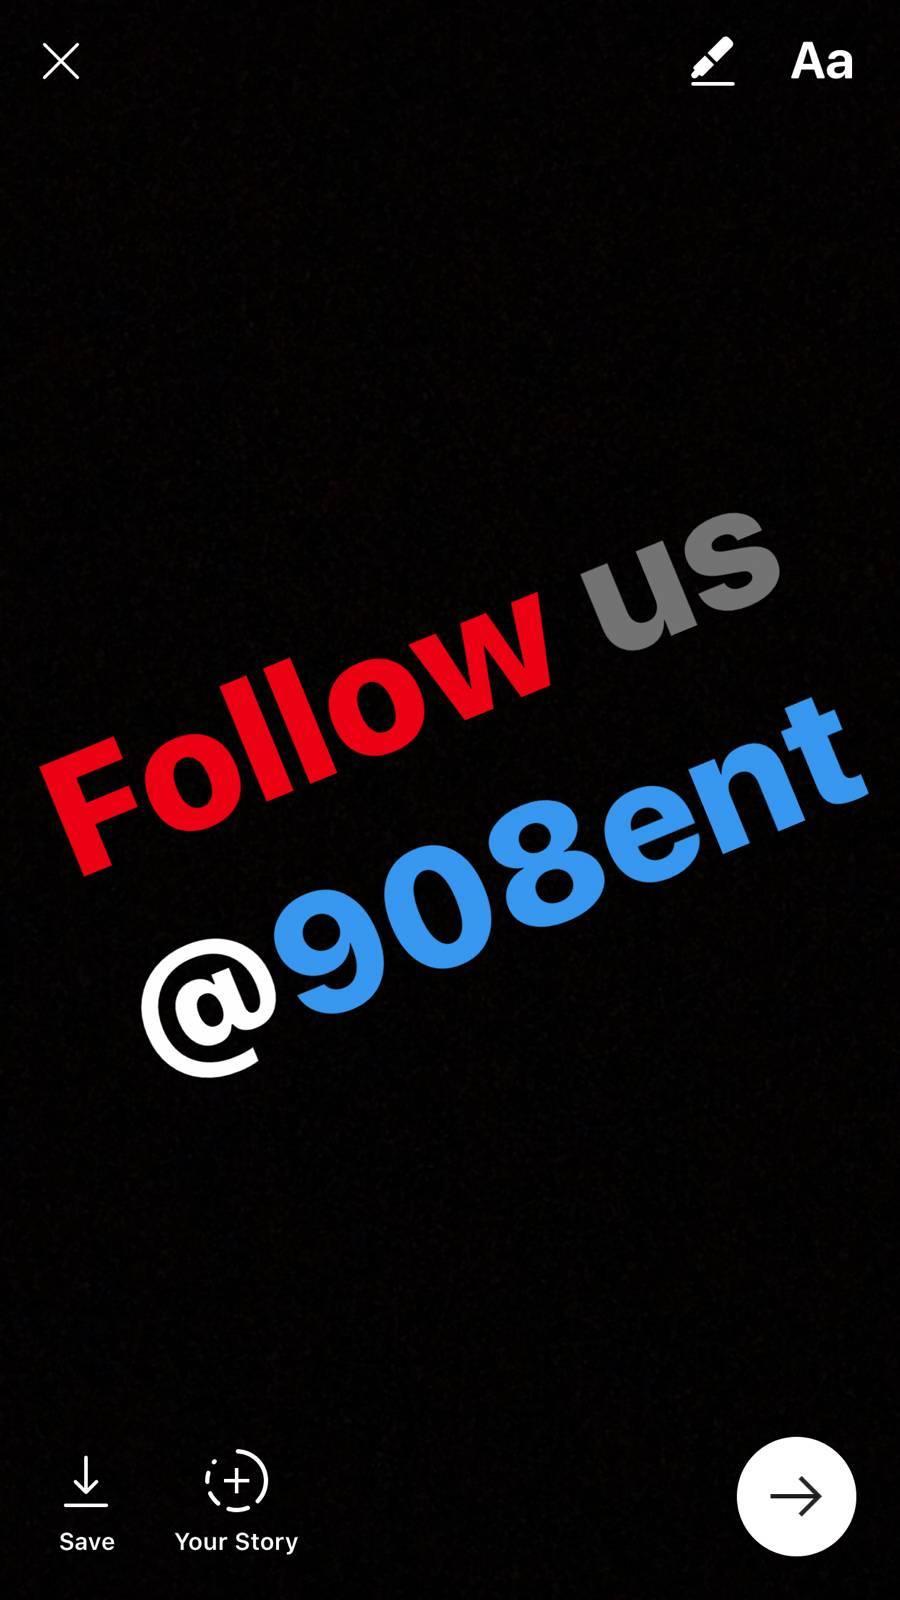 1151802b25fb9317df72_c6e4a39963c2f2d23e4b_Text_On_Instagram_Story.jpg